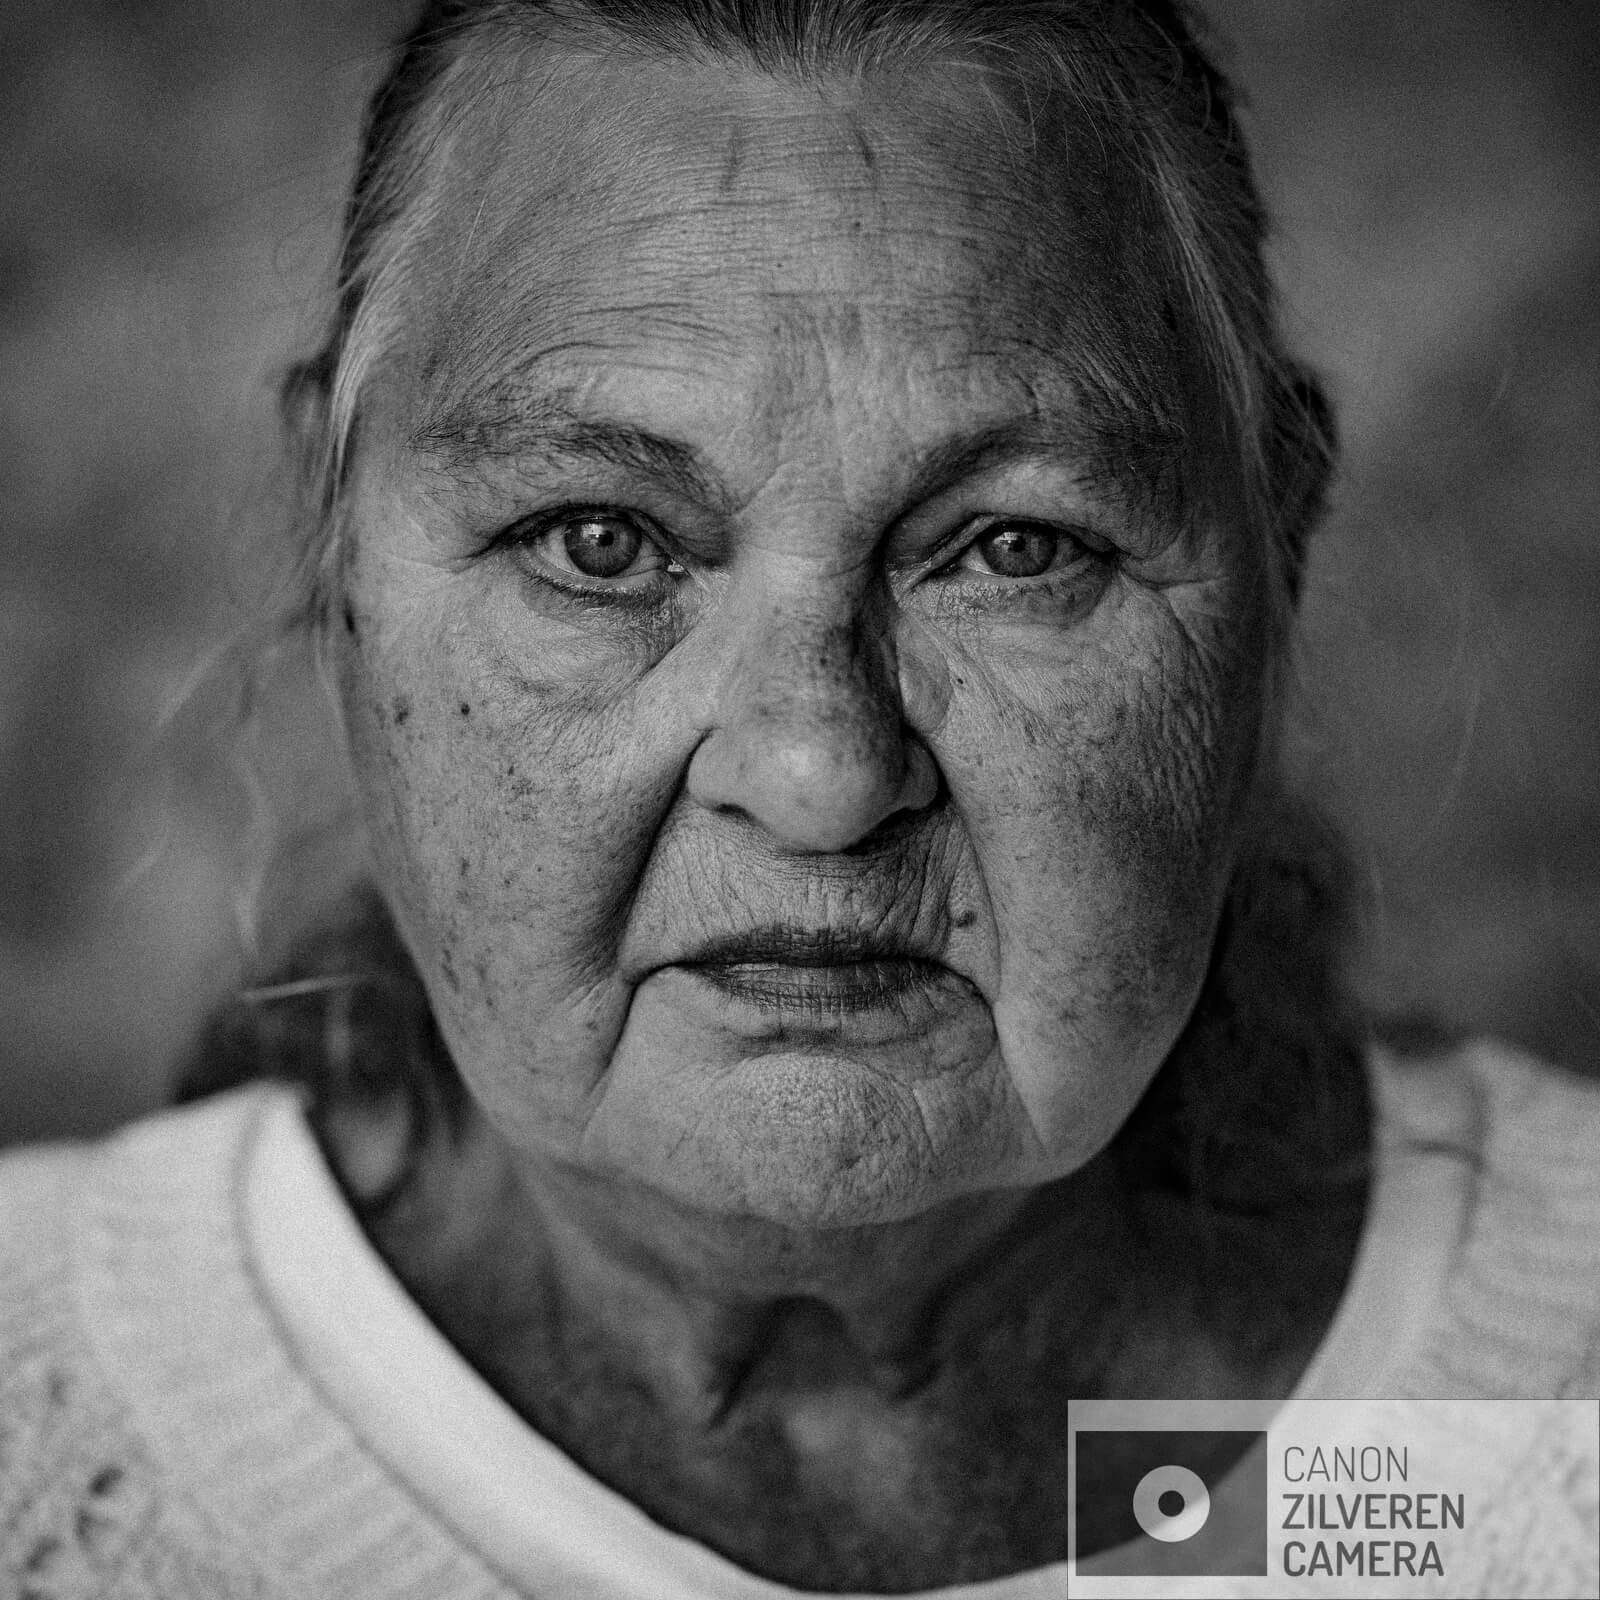 Nederland, Almere, 09 juli 2018 ]Karin Hagedoorn, Meisje van de Goede Herder  Alle rechten voorbehouden / All rights reserved